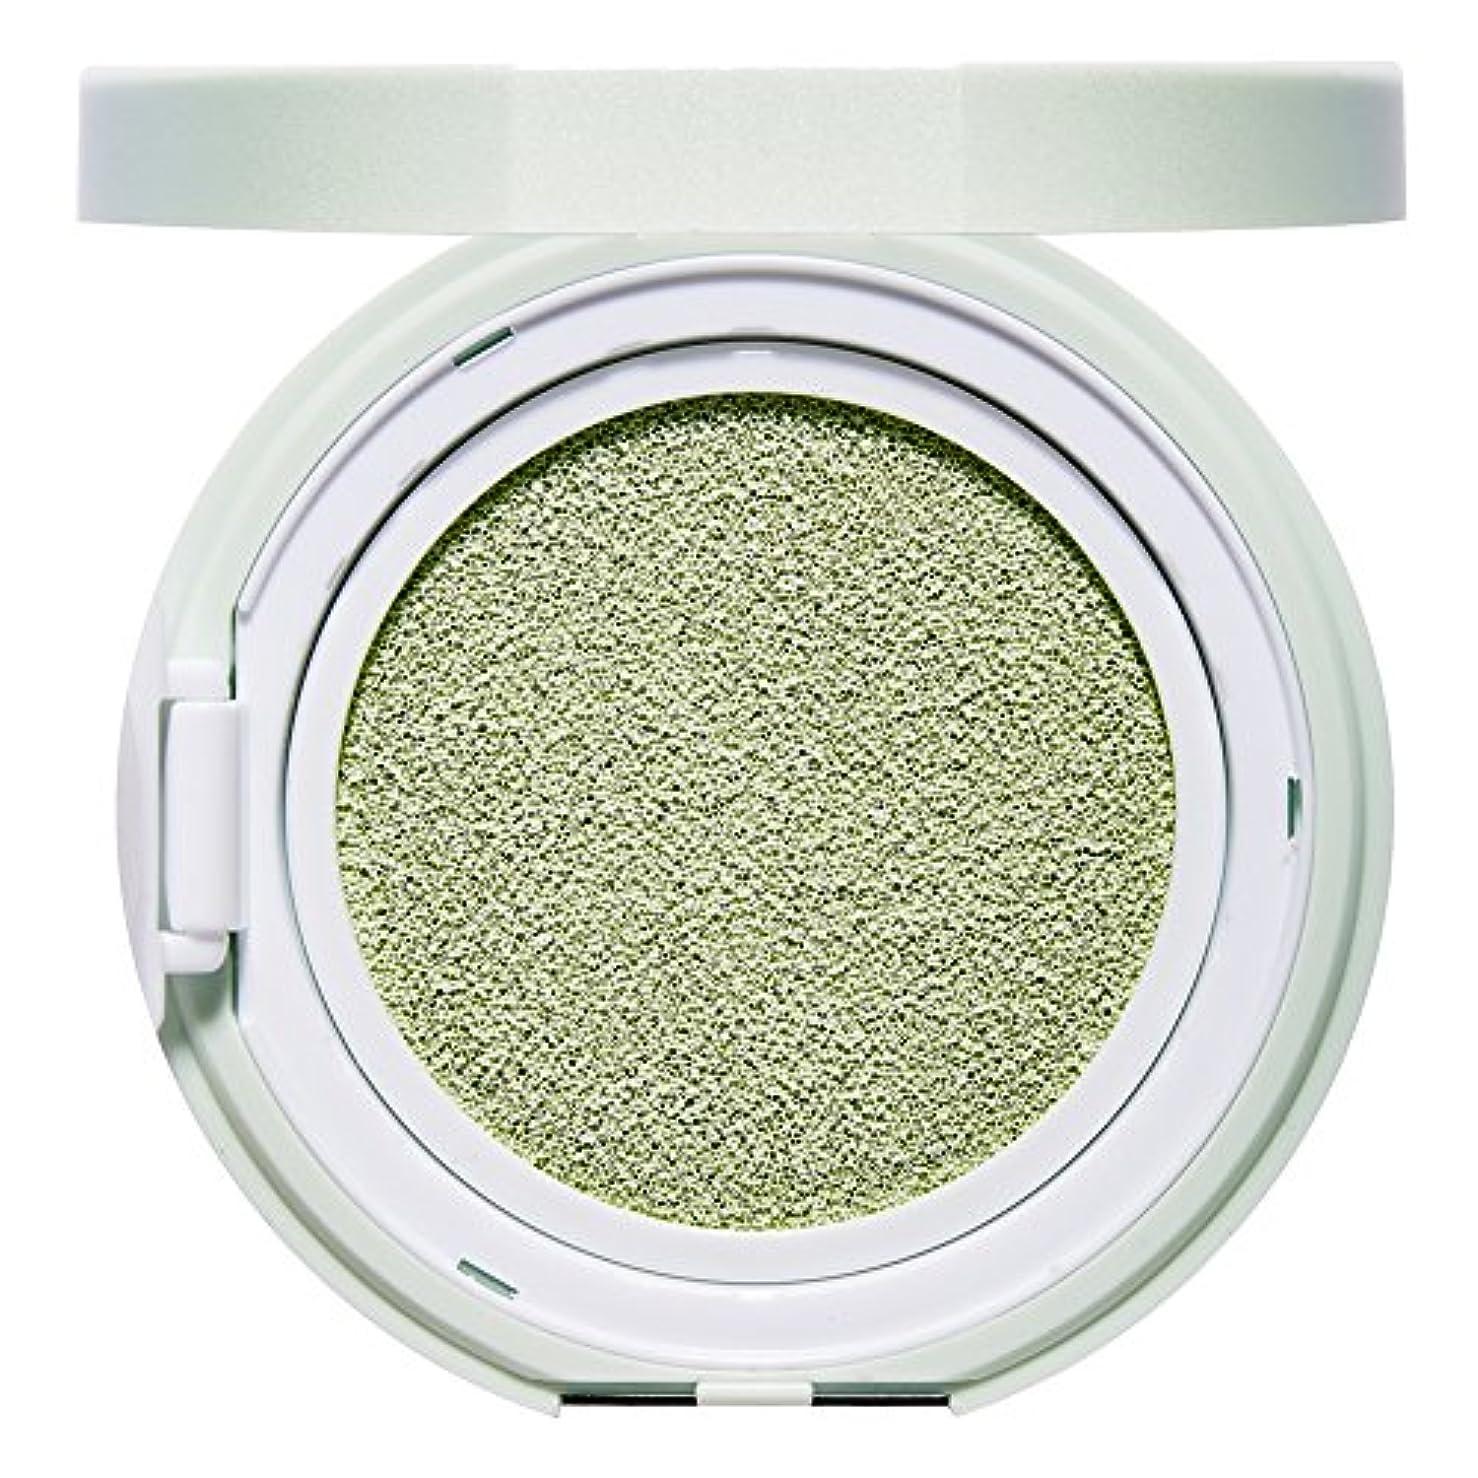 マイナー規模事実エチュードハウス(ETUDE HOUSE) エニークッション カラーコレクター Mint